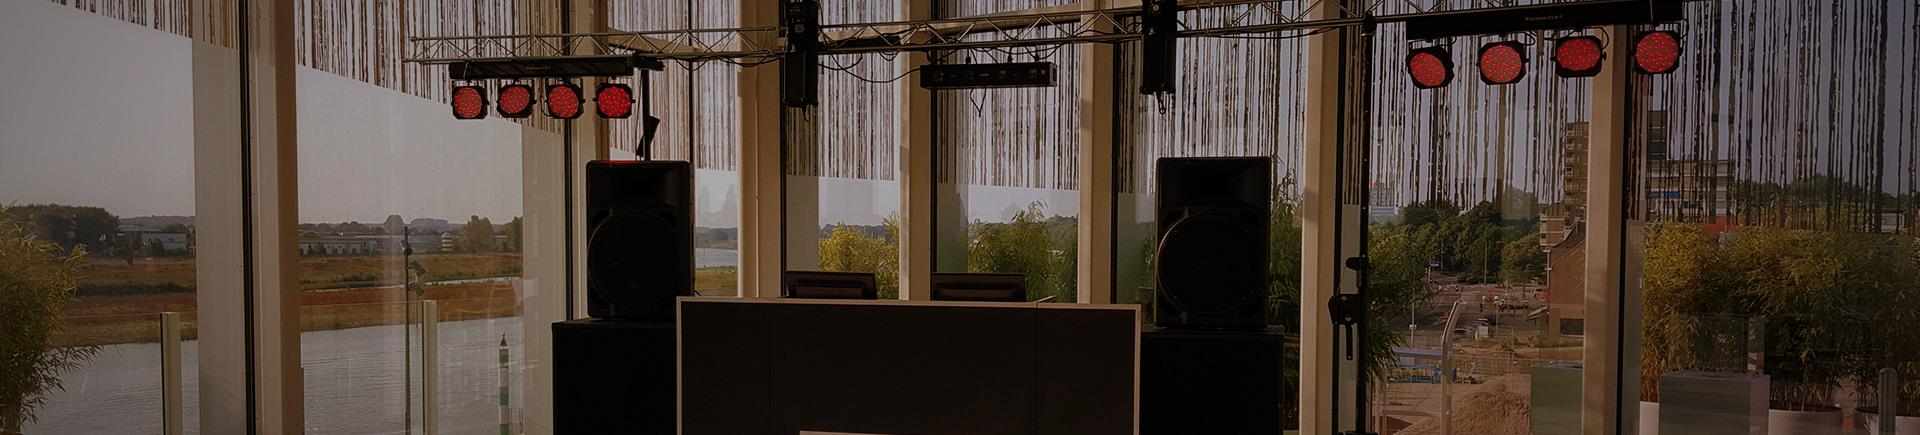 dj-booth-entertainment-laser-rookapparaat-lichtsysteem-mixer-dansen-feest-artiesten-zanger